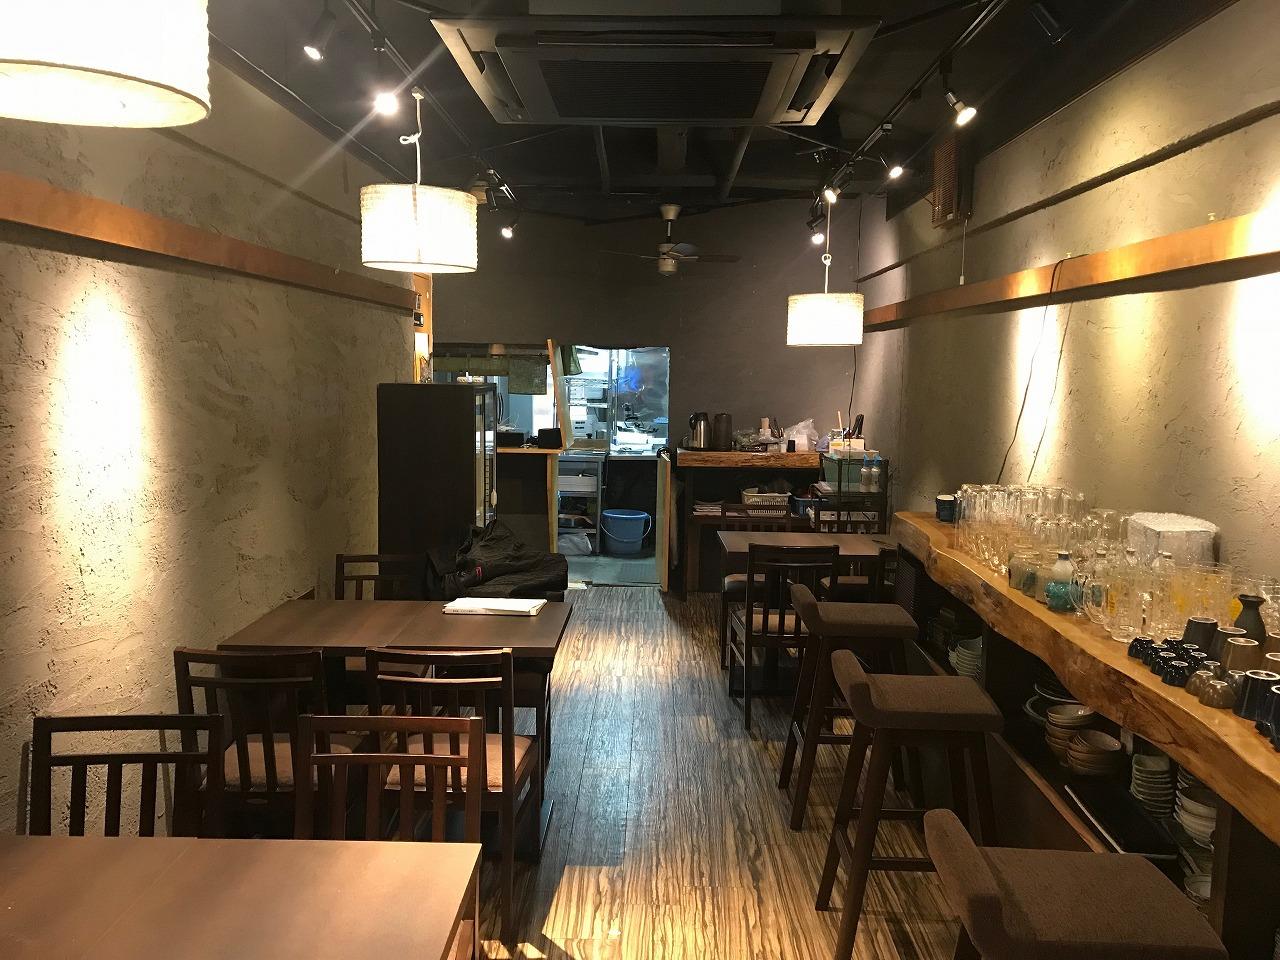 【新富町】再開発に伴い、店舗移動を余儀なく。新富町で長く愛されている『居酒屋 ほそ川』を近所に移転!